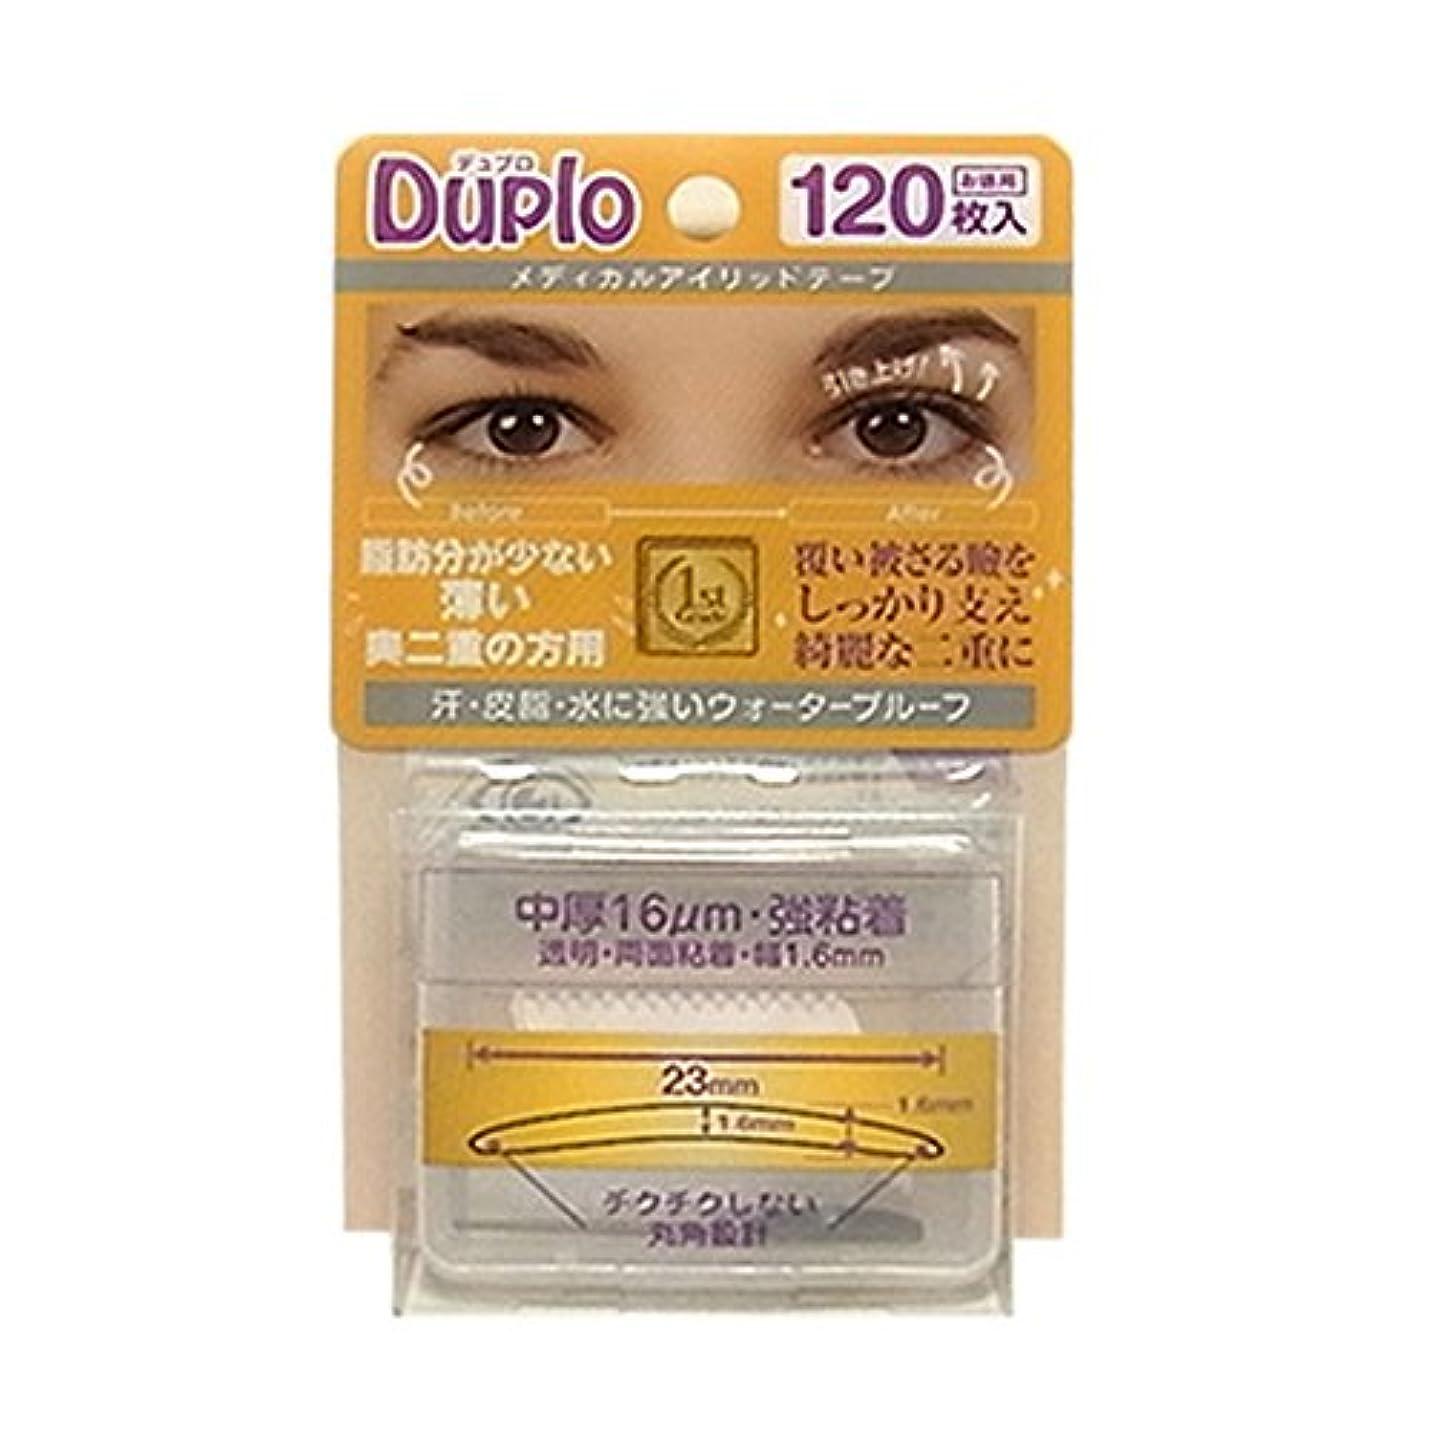 スリット変化食物Duplo デュプロ メディカルアイリッドテープ 中厚 16μm 強粘着 (眼瞼下垂防止用テープ)透明?両面 120枚入